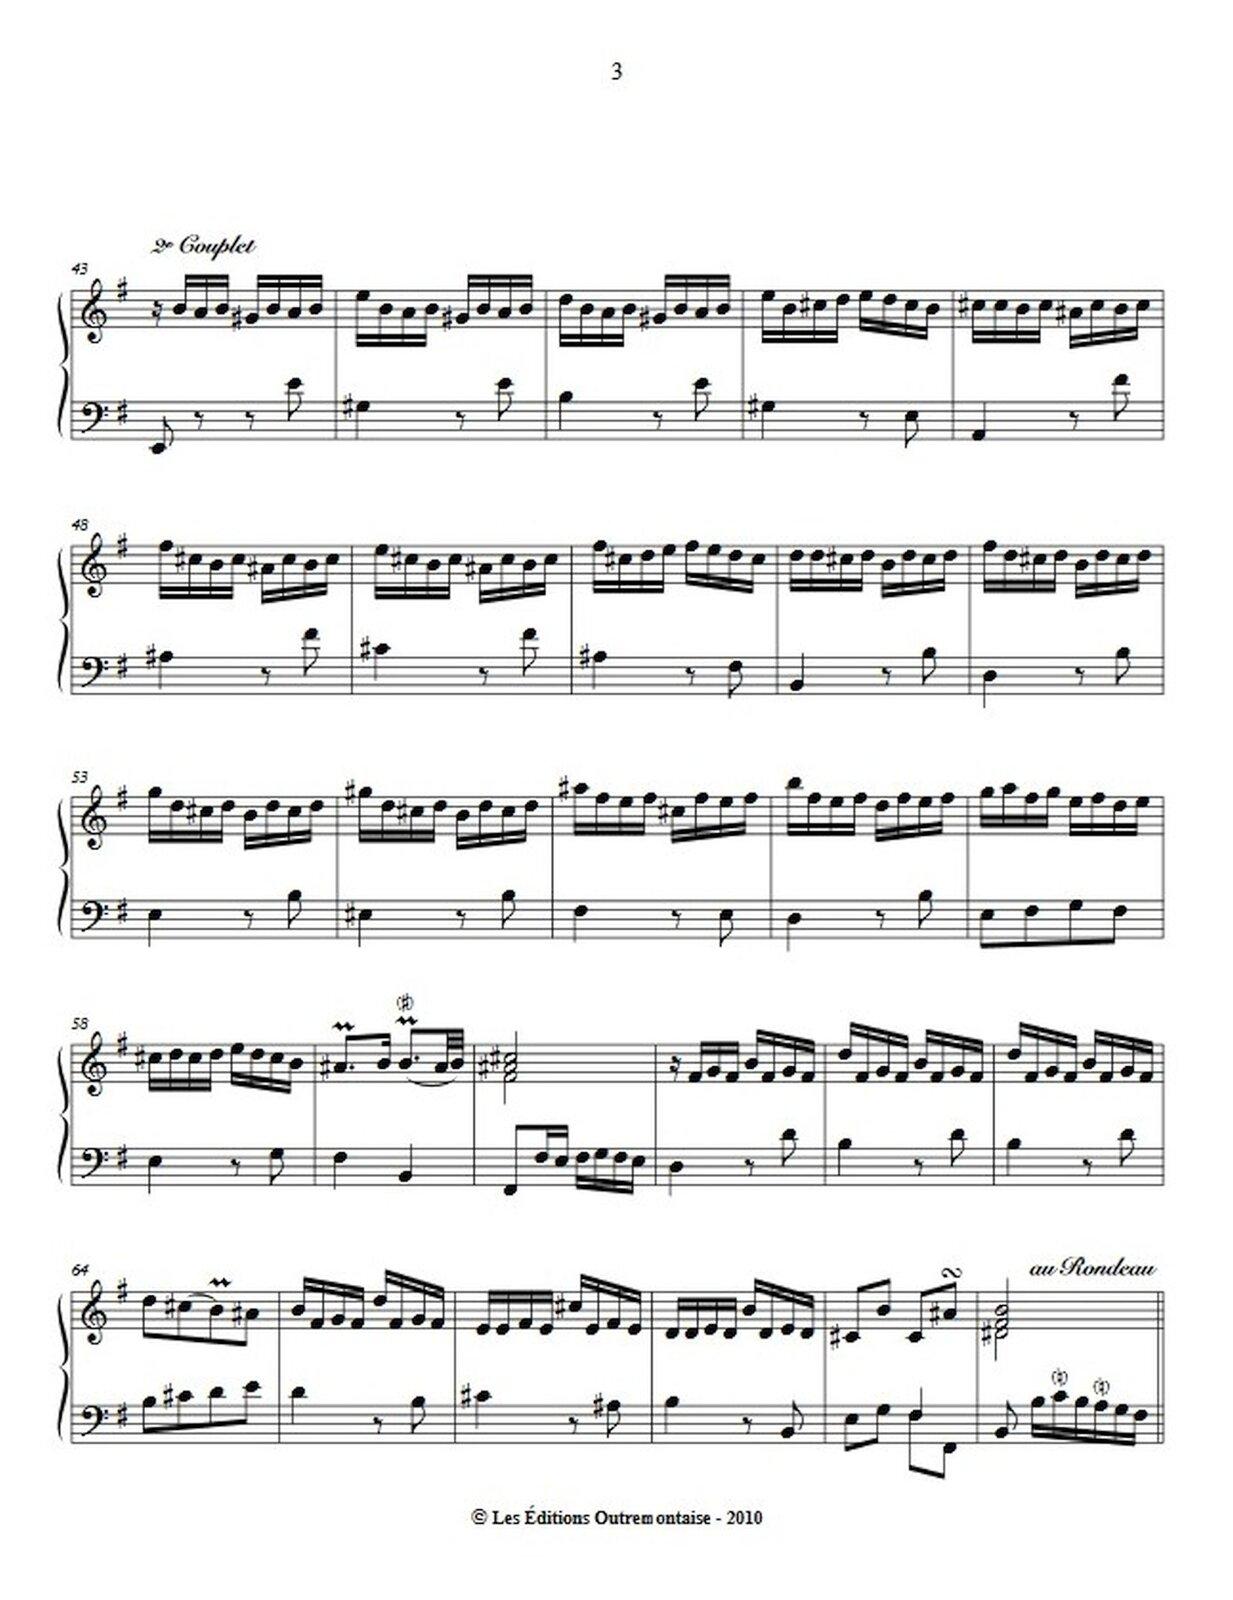 """Zdjęcie przedstawia graficzny utwór muzyczny. Fotografia ukazuje czarną pięciolinię znutami, na białej stronie utworu Louis-Claude Daquin – """"Kukułka""""."""